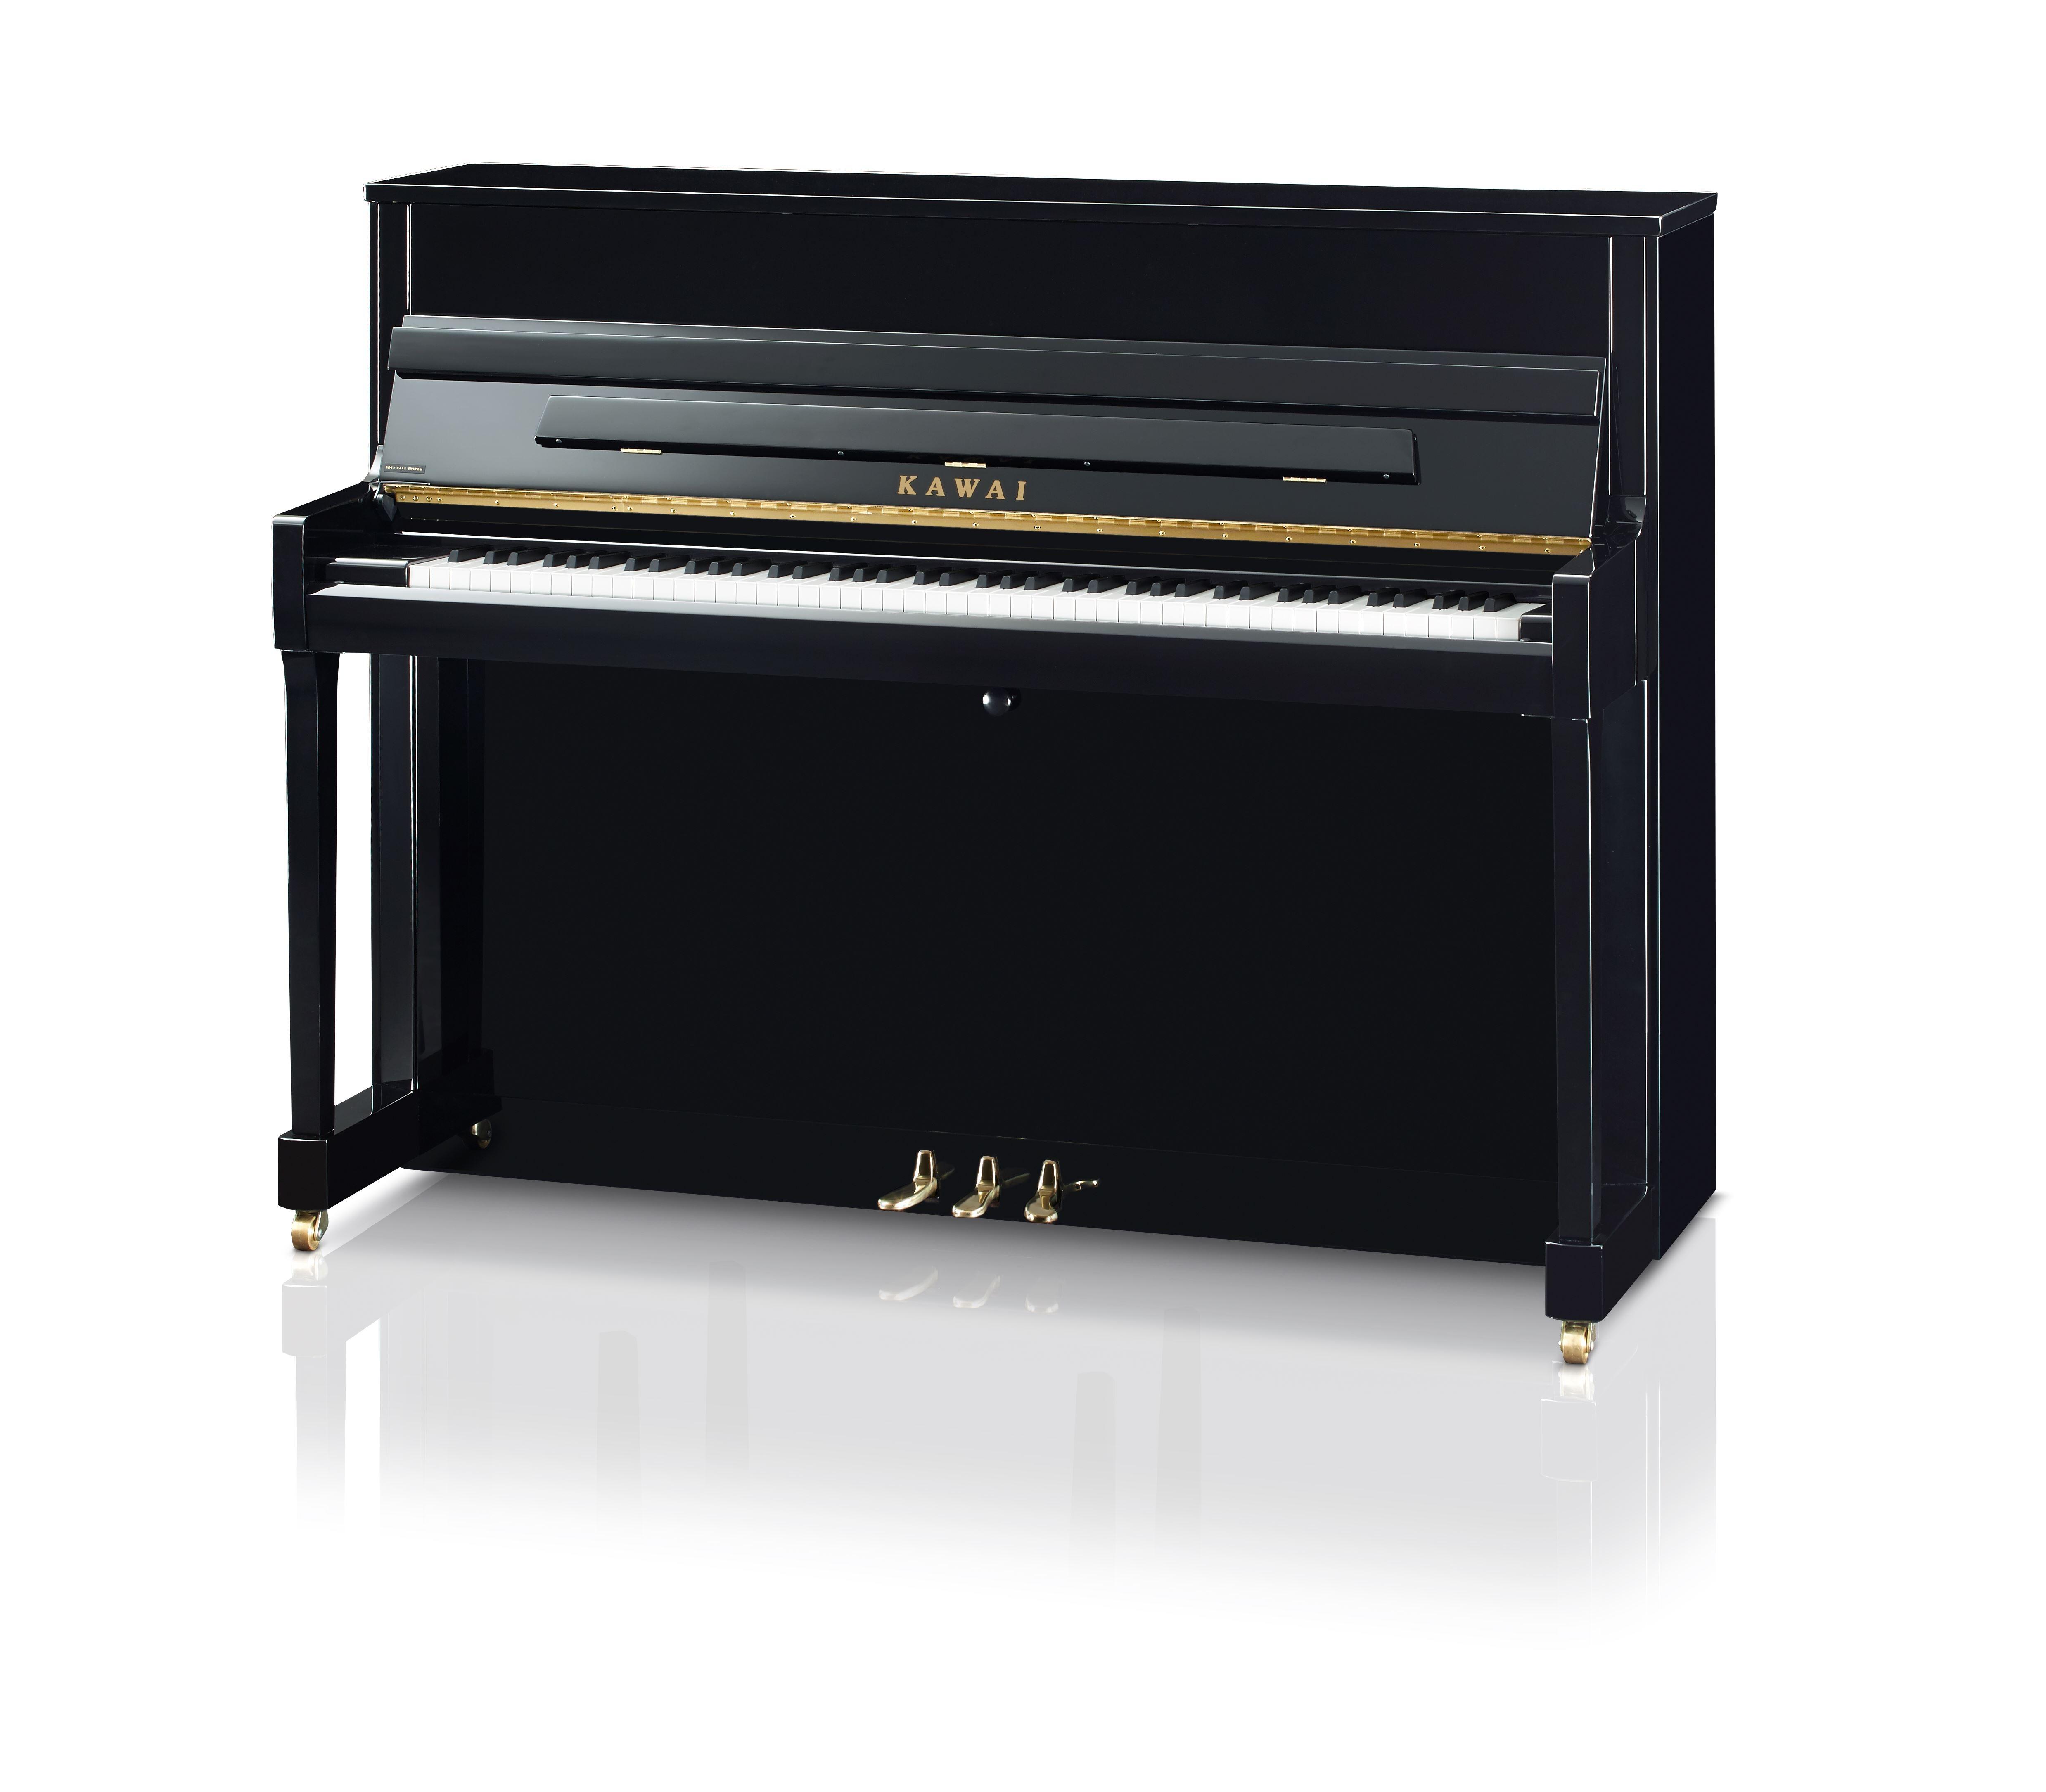 KAWAI K200 črn